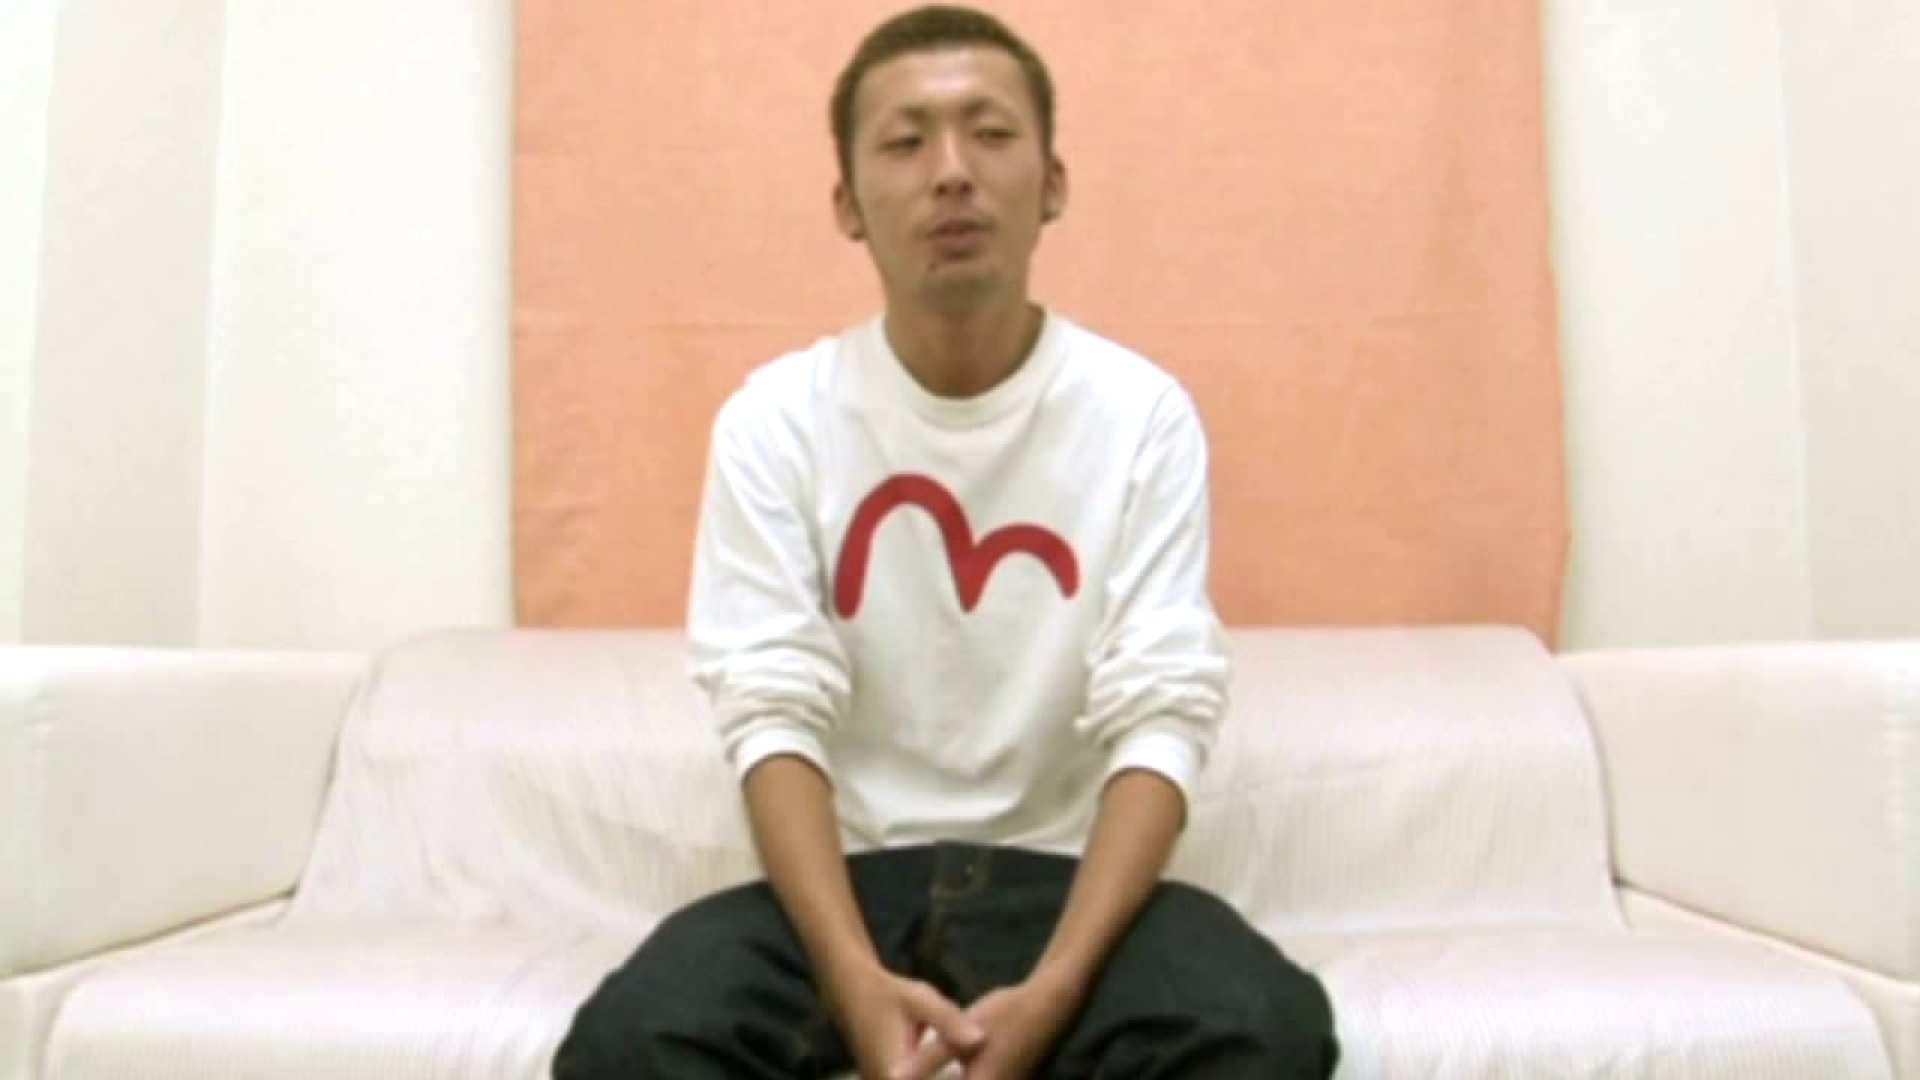 ノンケ!自慰スタジオ No.11 裸の男たち ゲイエロ画像 110枚 47